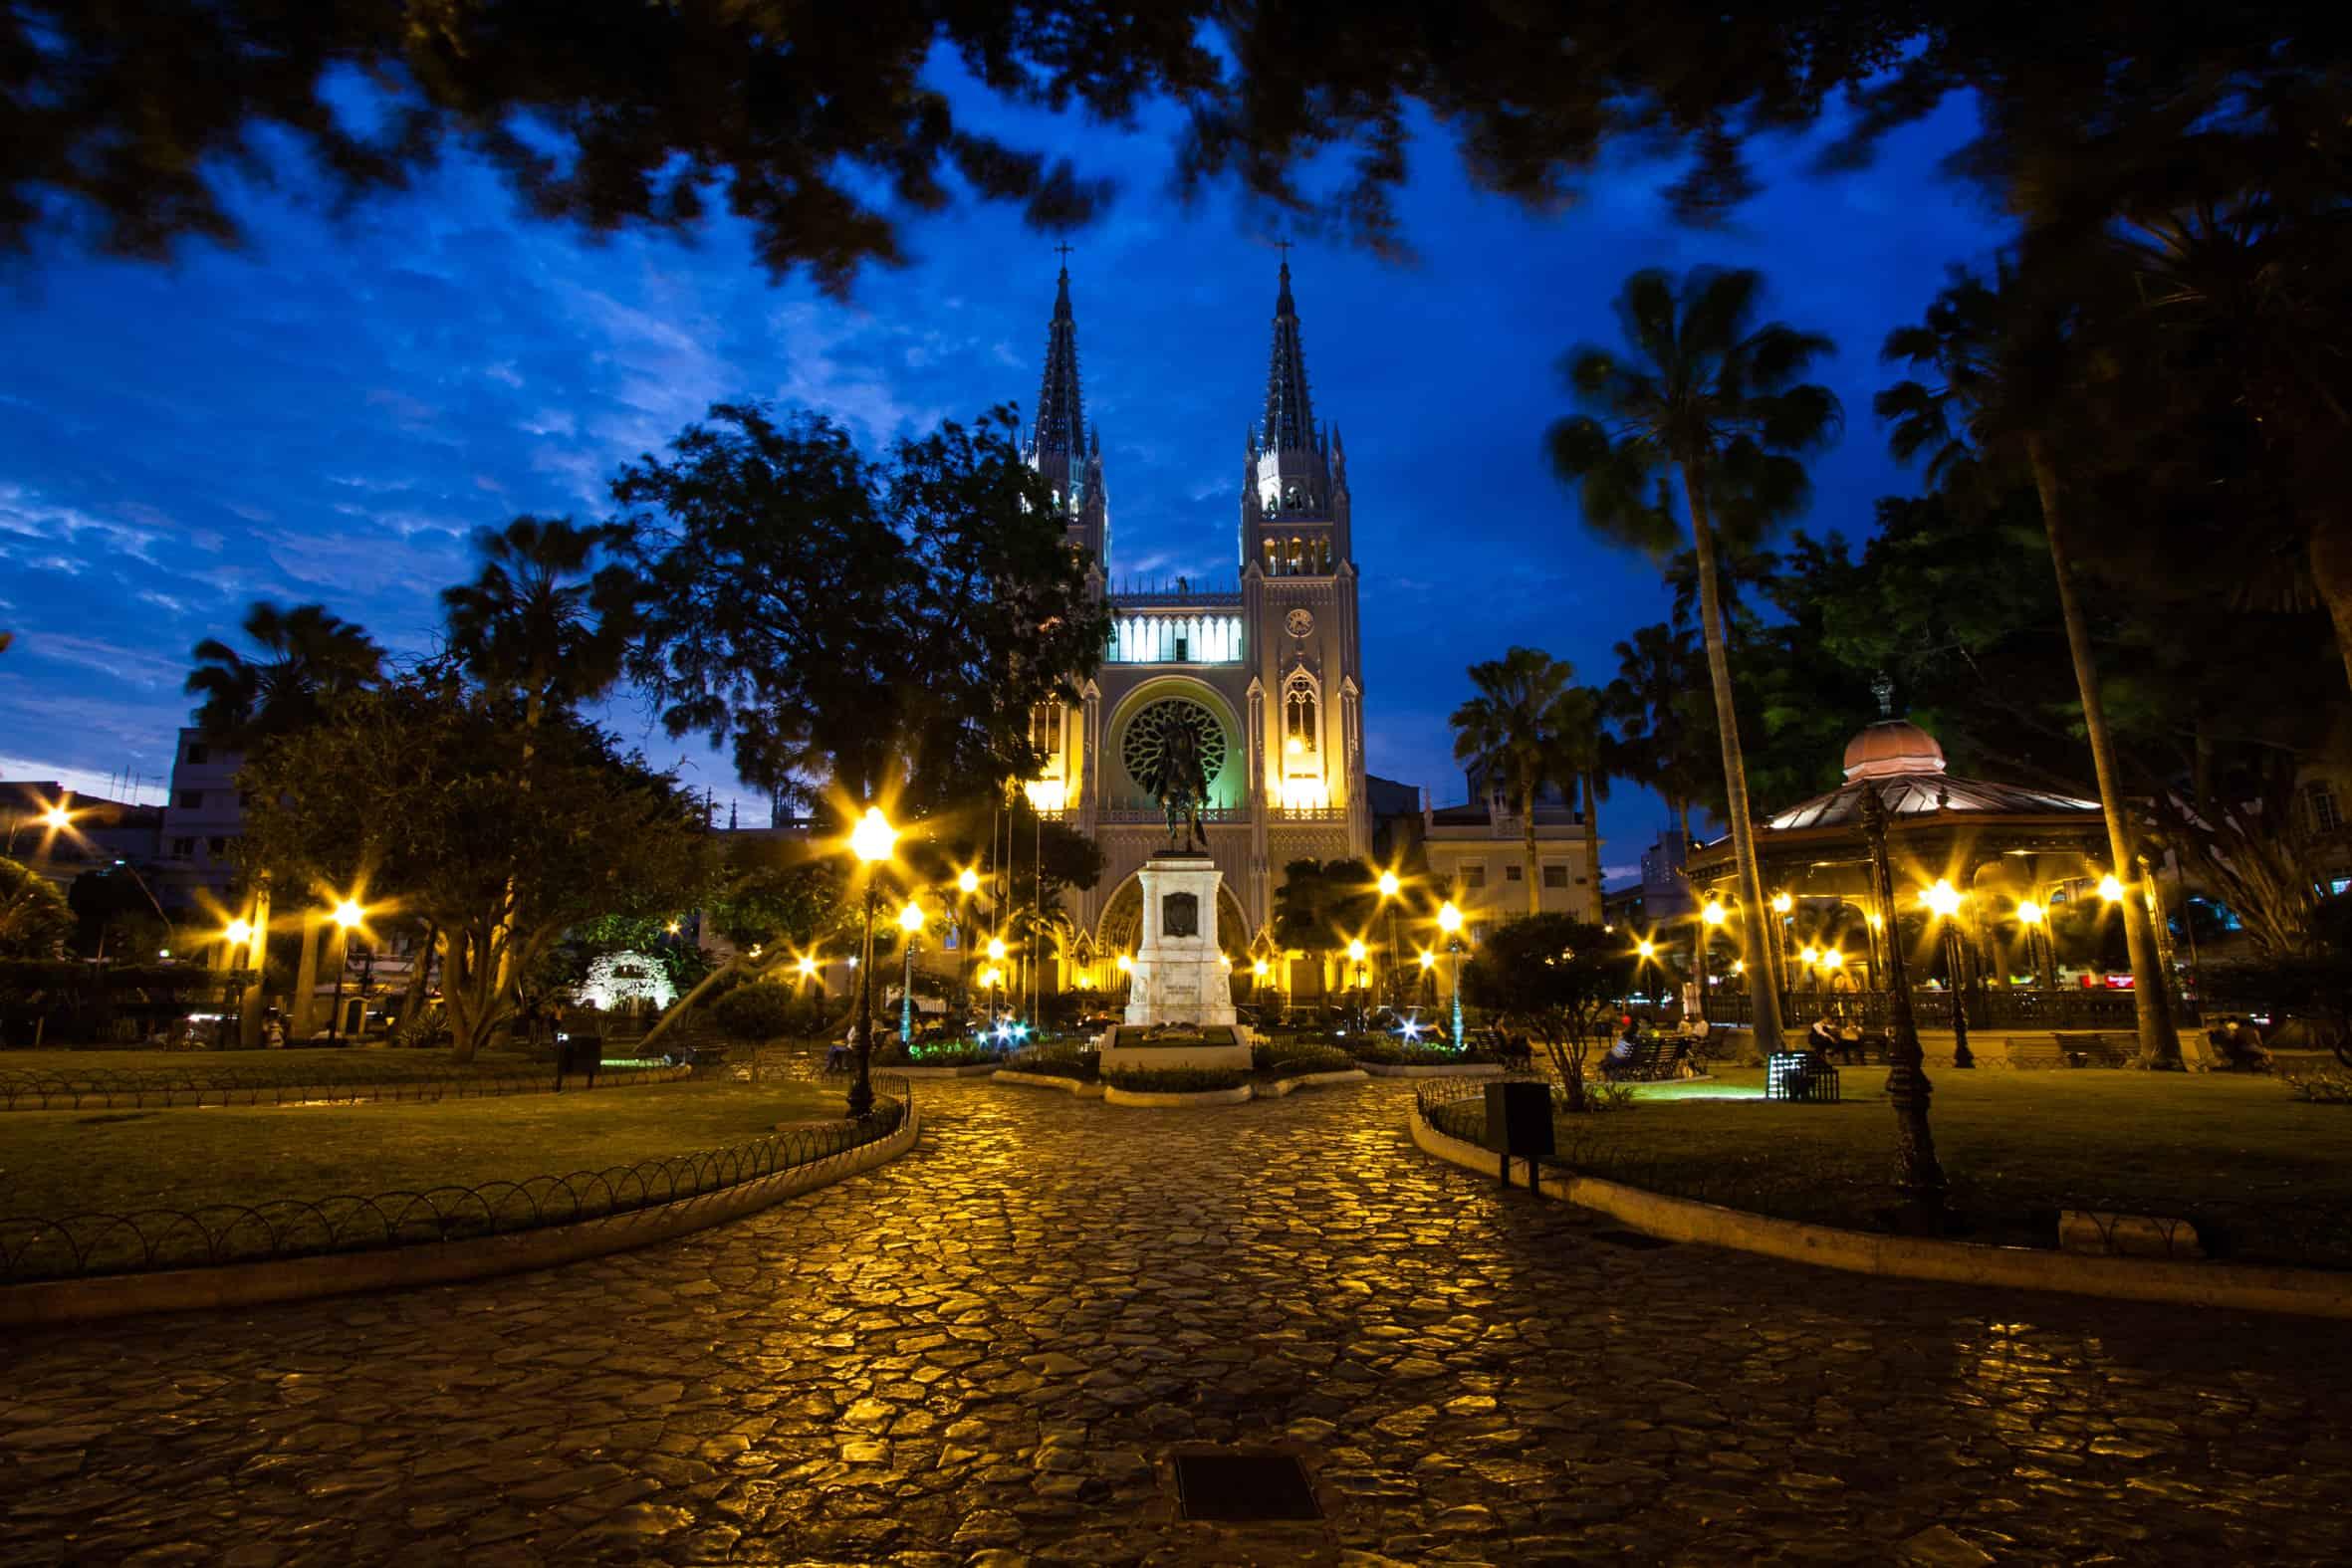 Cosas para hacer en guayaquil Parque de las Iguana/Seminario